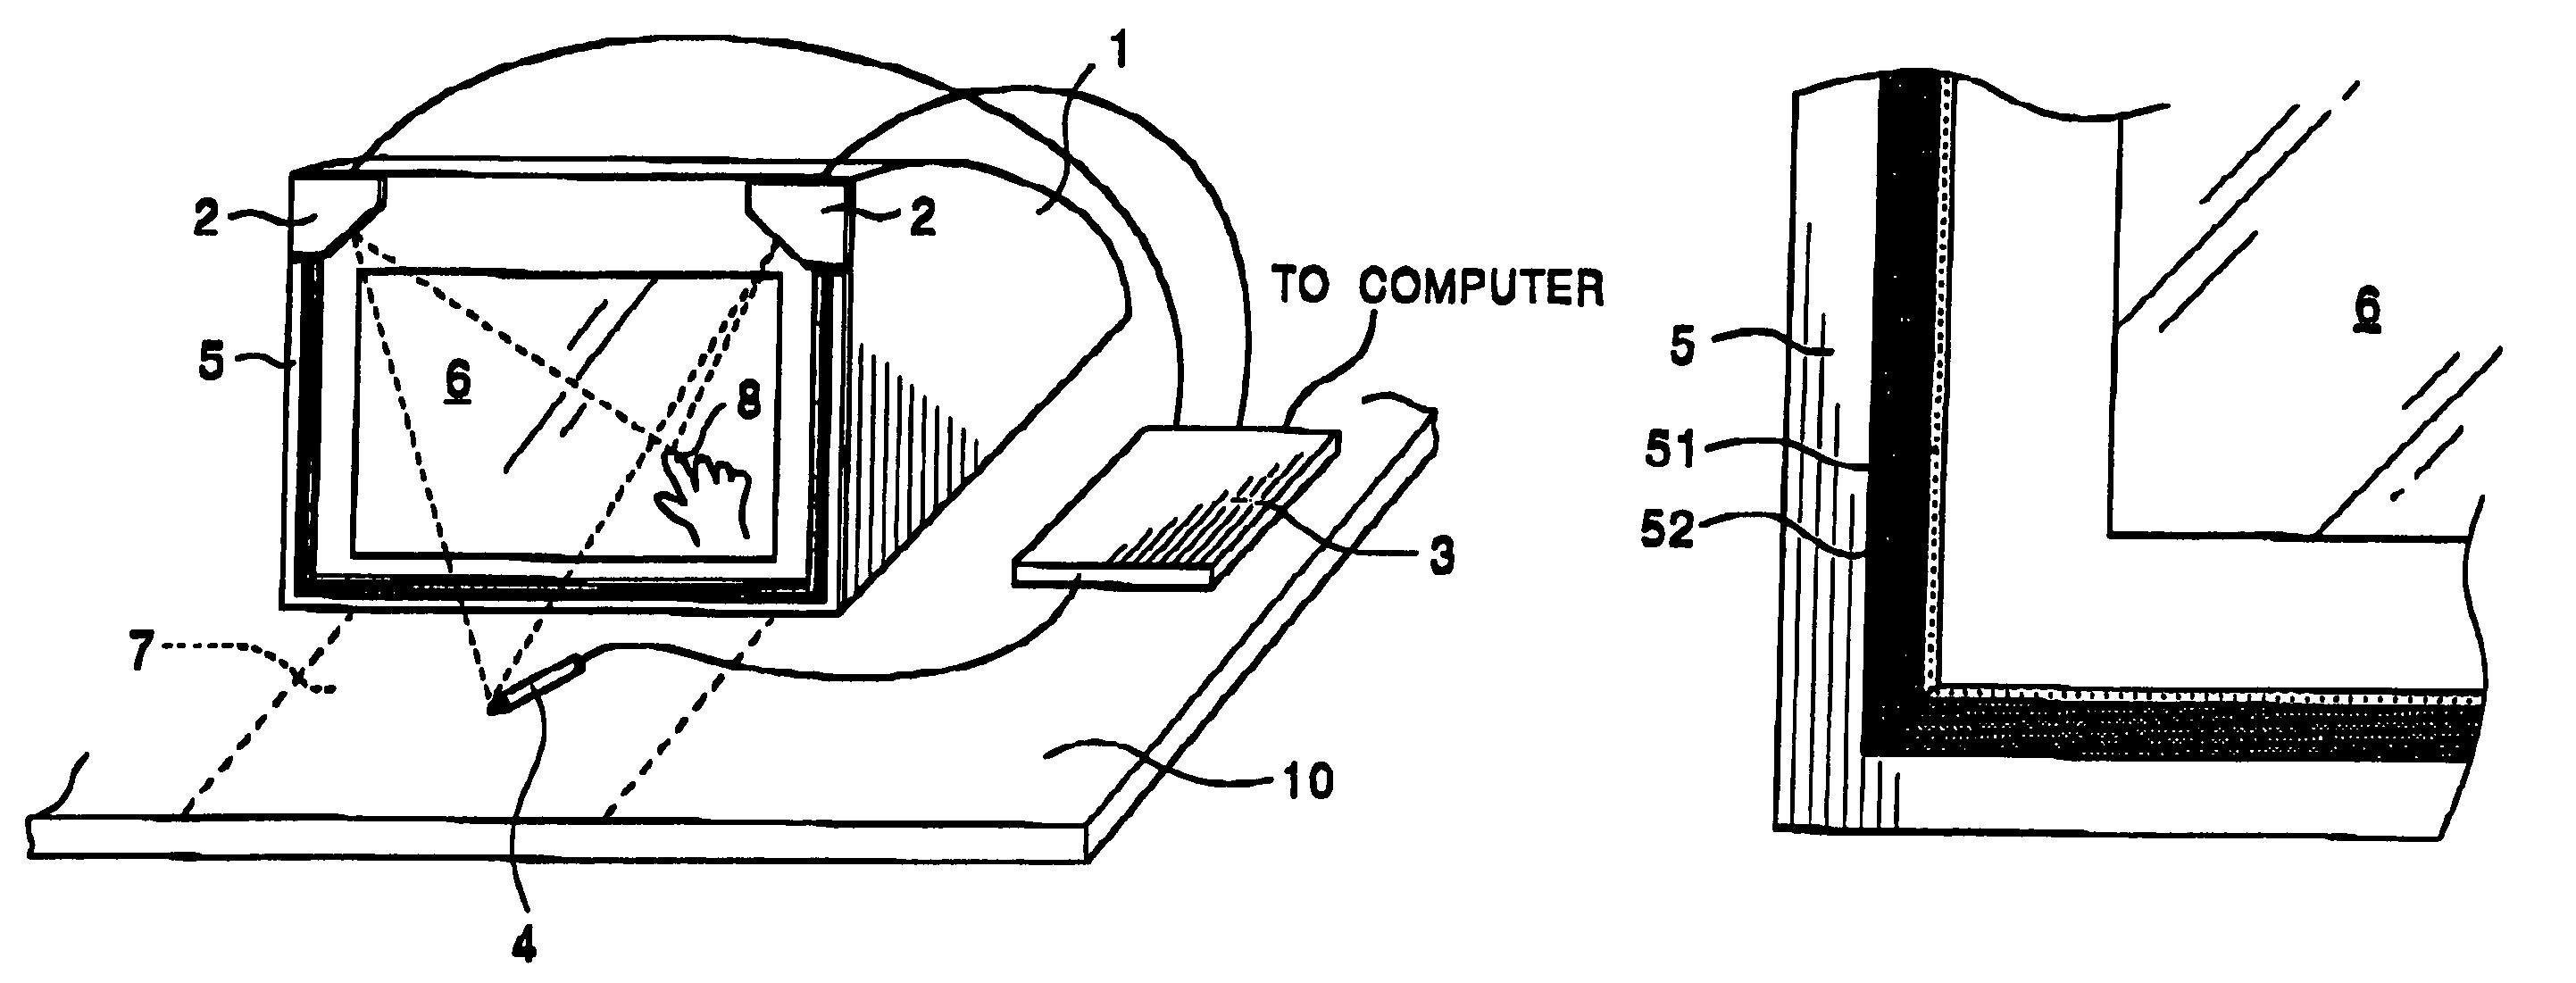 patent us7414617